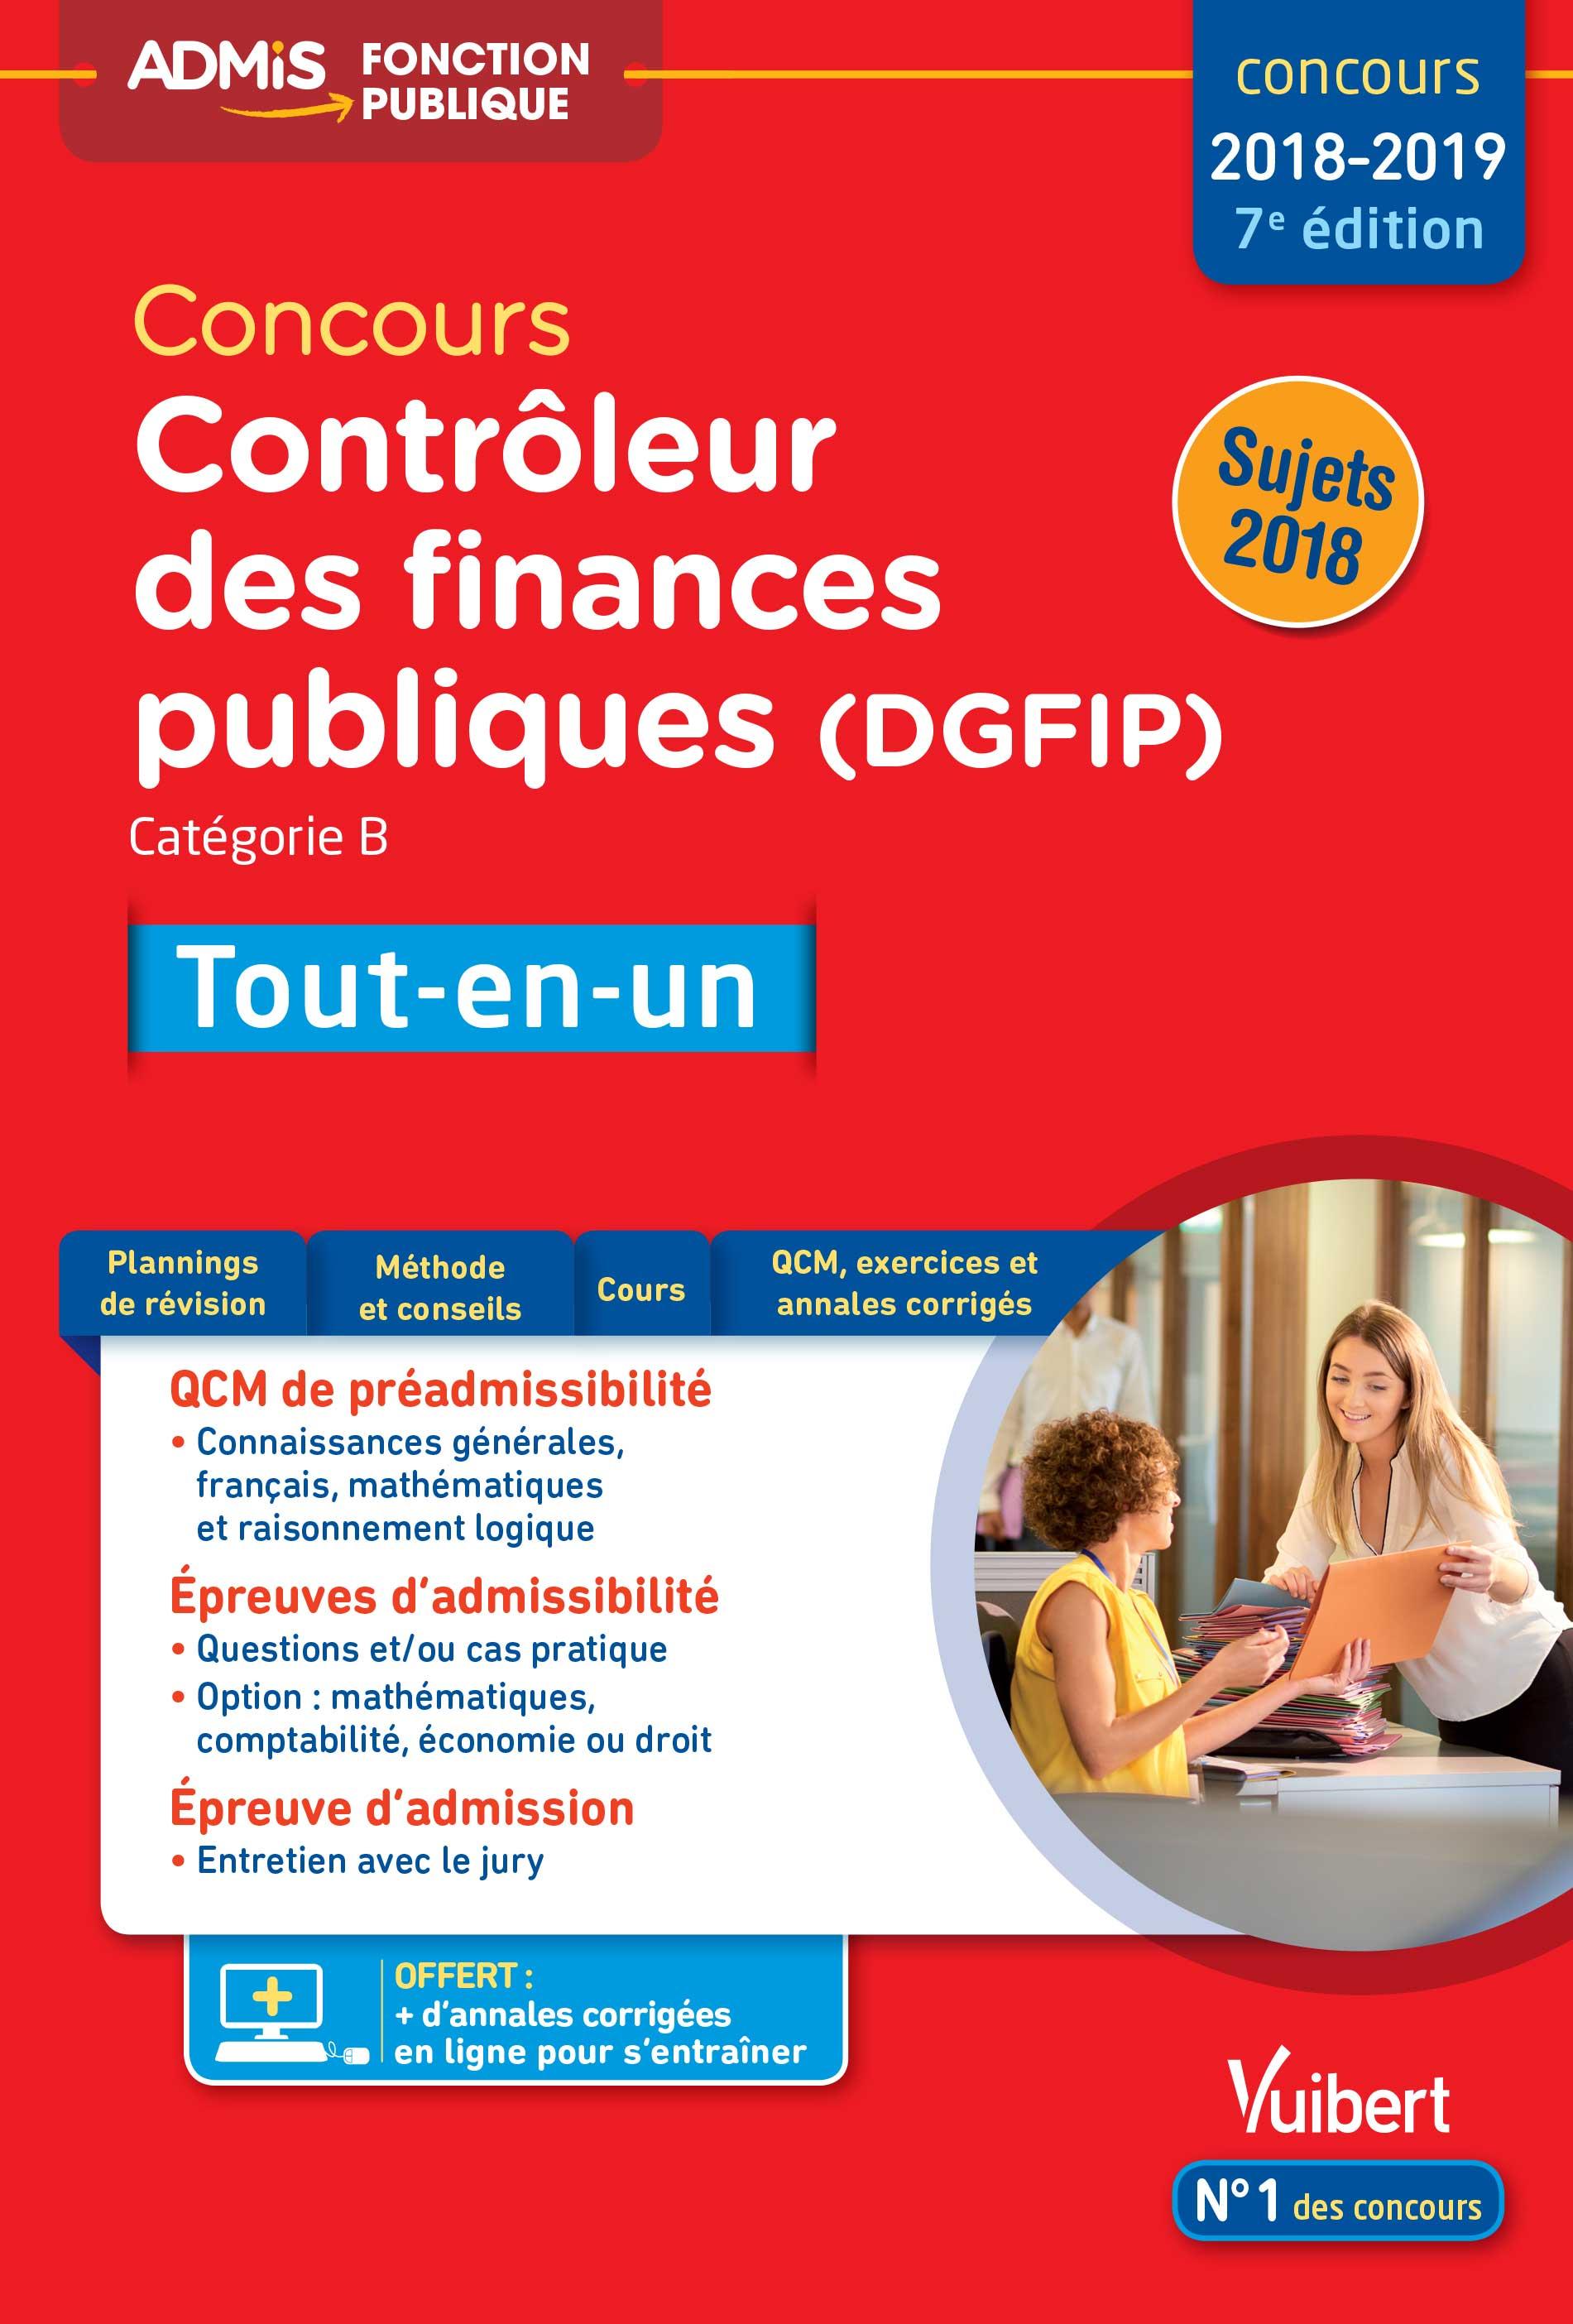 455603ea039 Concours Contrôleur des Finances publiques (DGFIP) - Catégorie B -  Tout-en-un